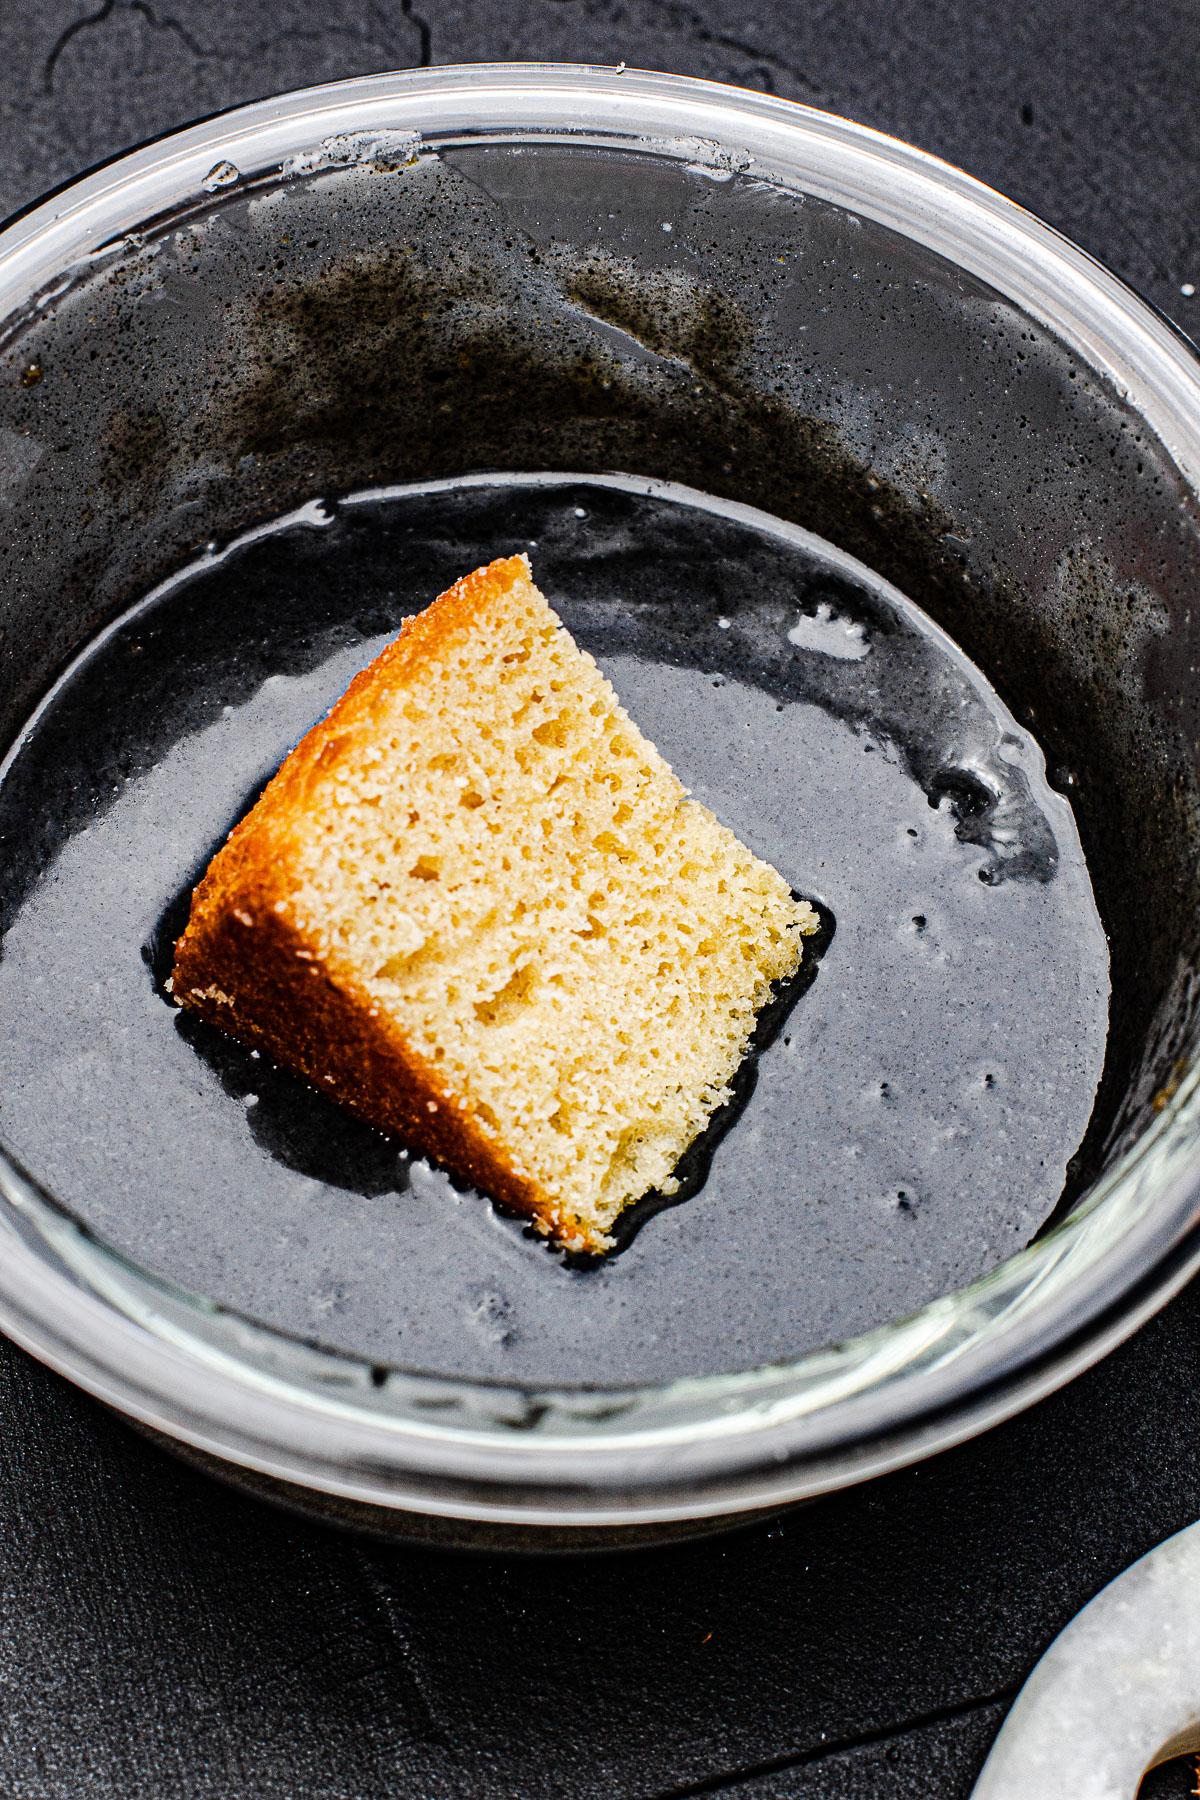 Cake dipped in Black Sesame Sauce